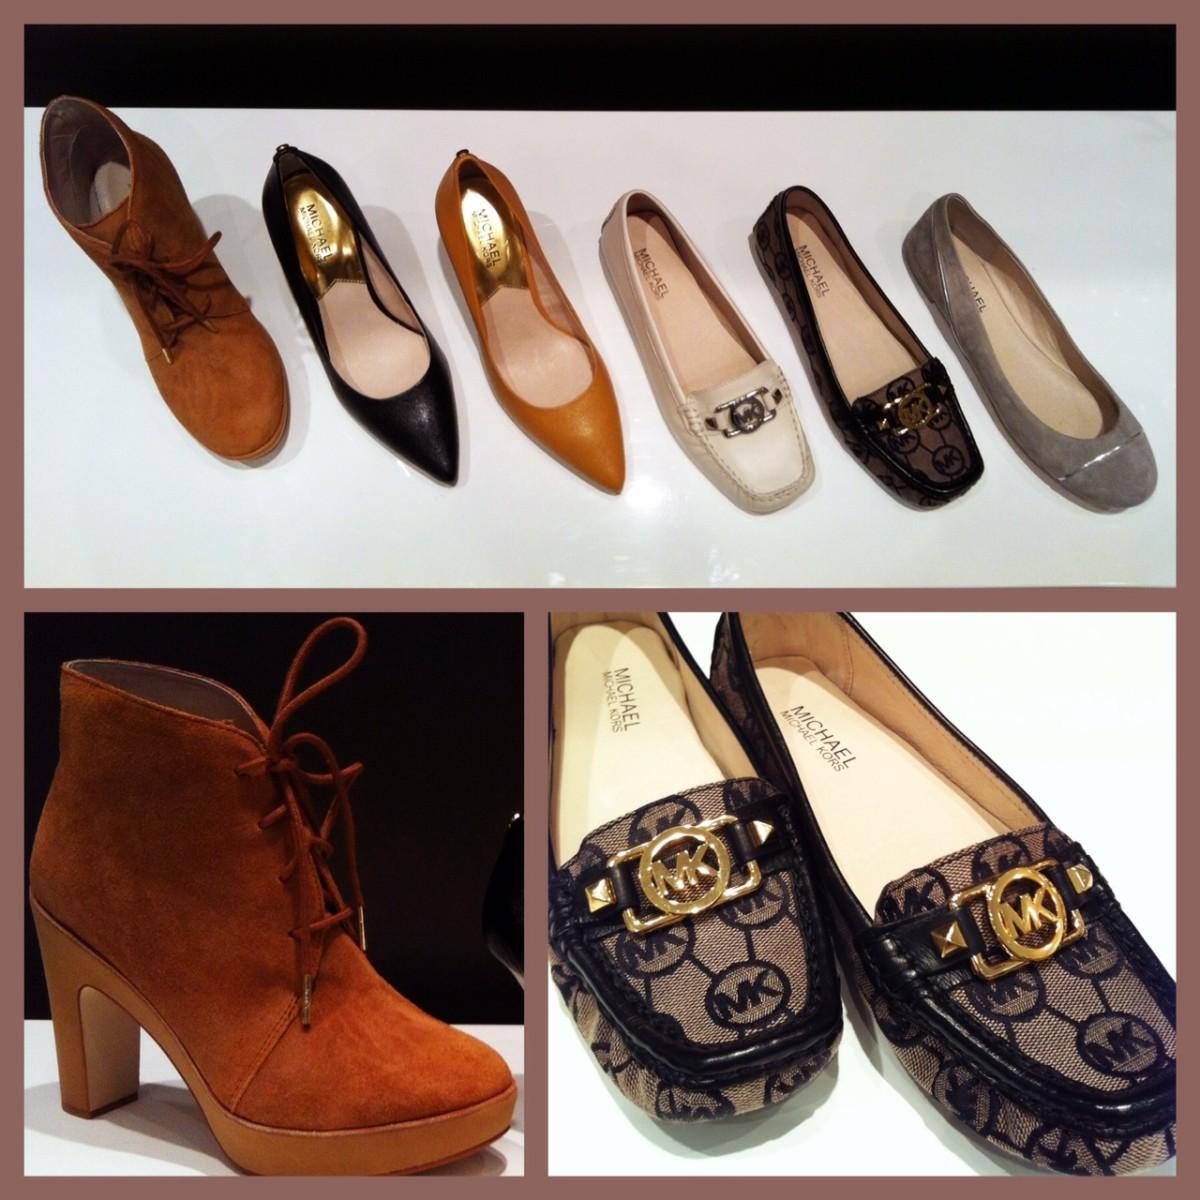 Michael Kors Top Women's Shoe Designers